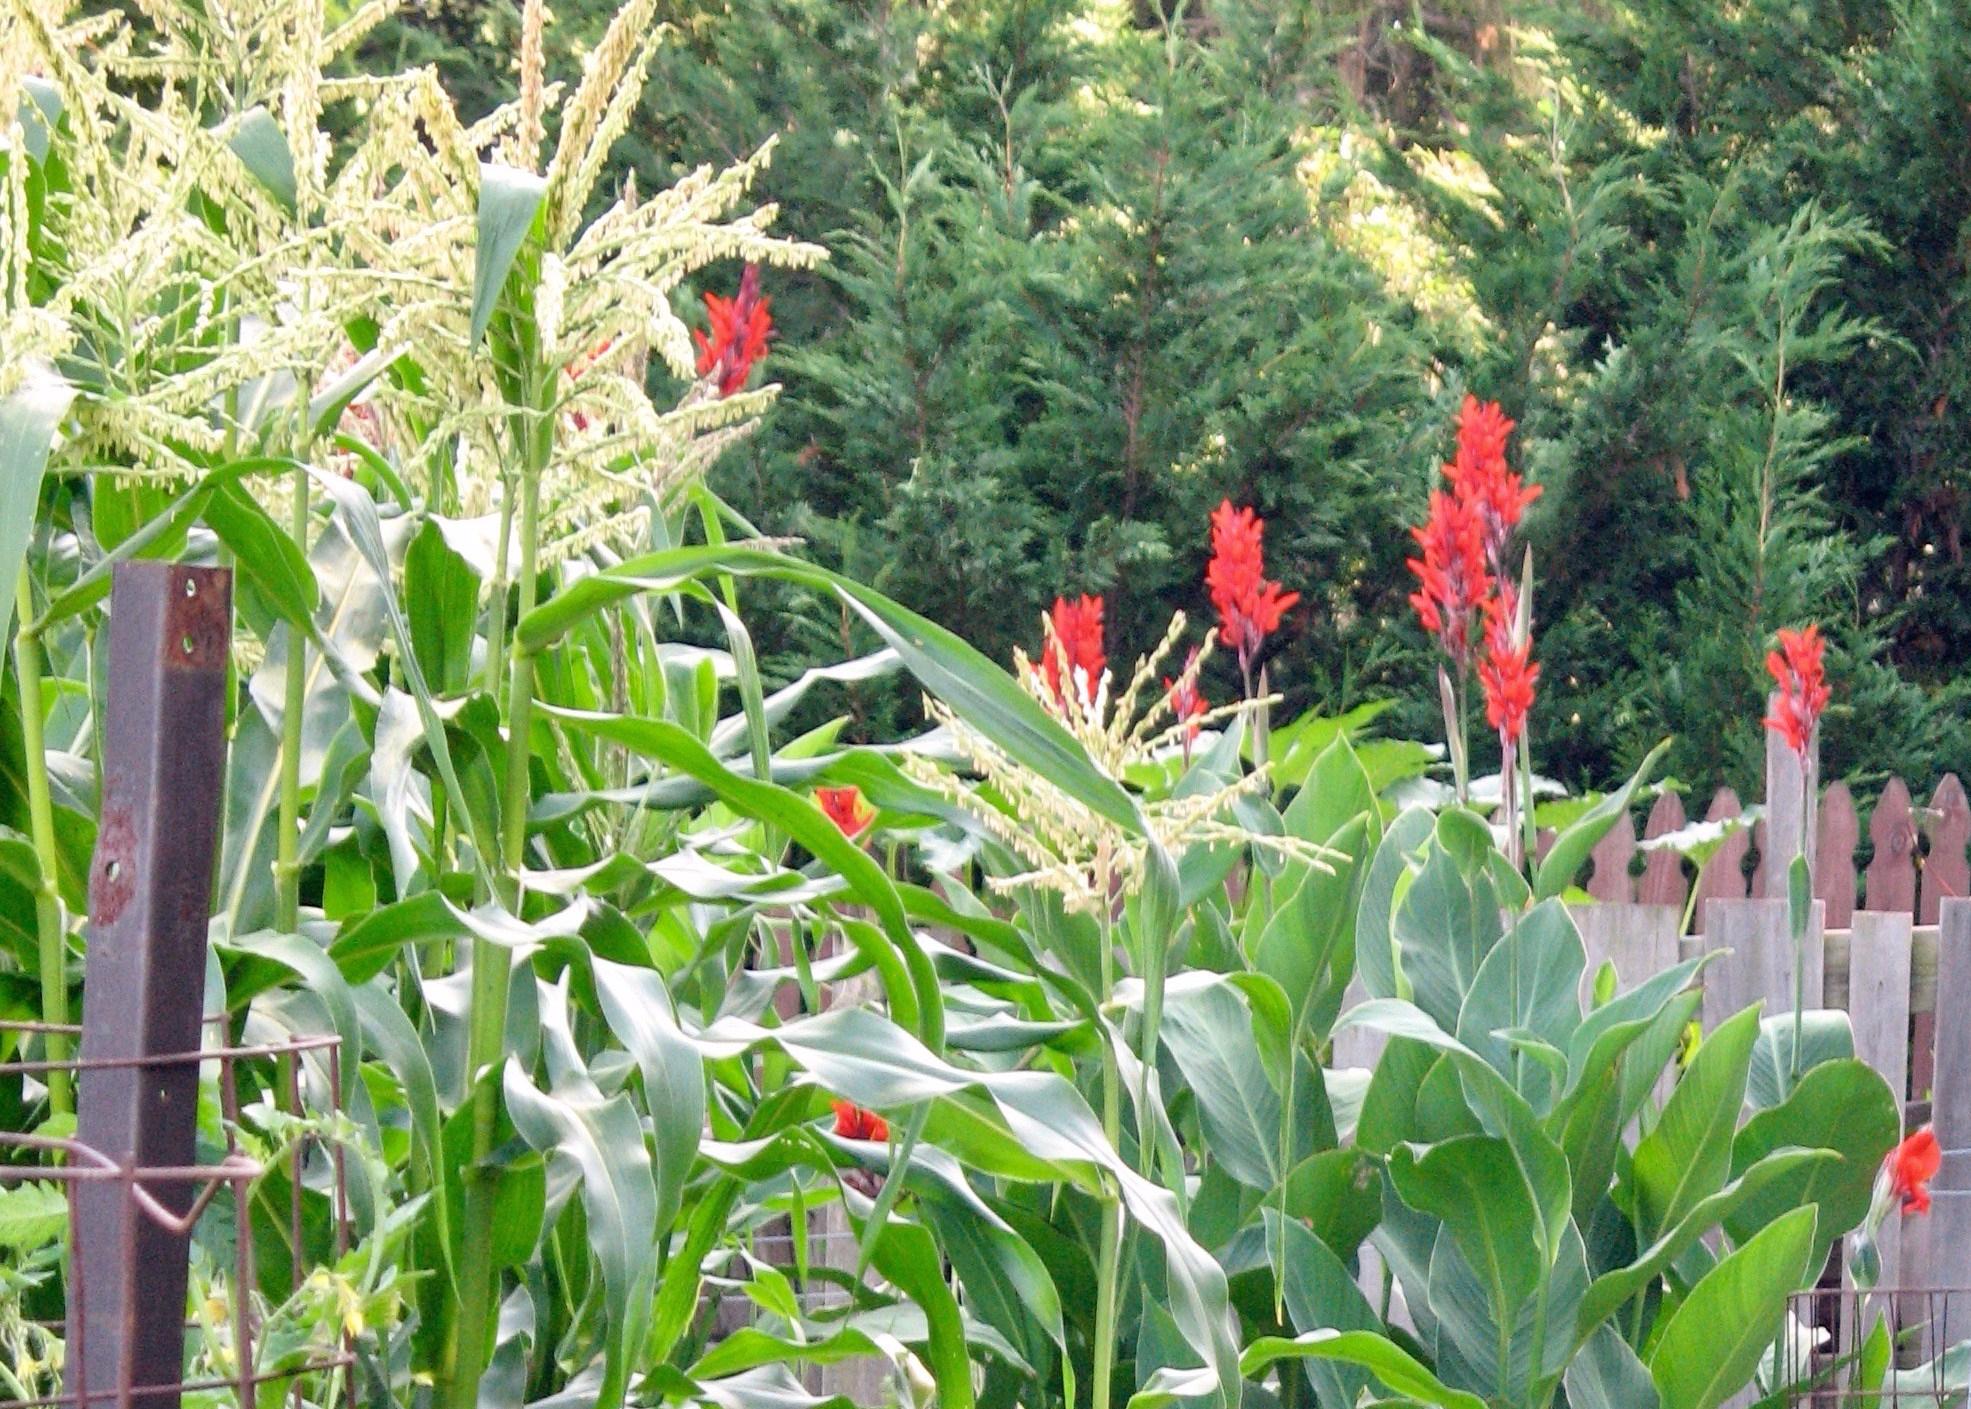 cannas-corn-e1505829159295.jpg